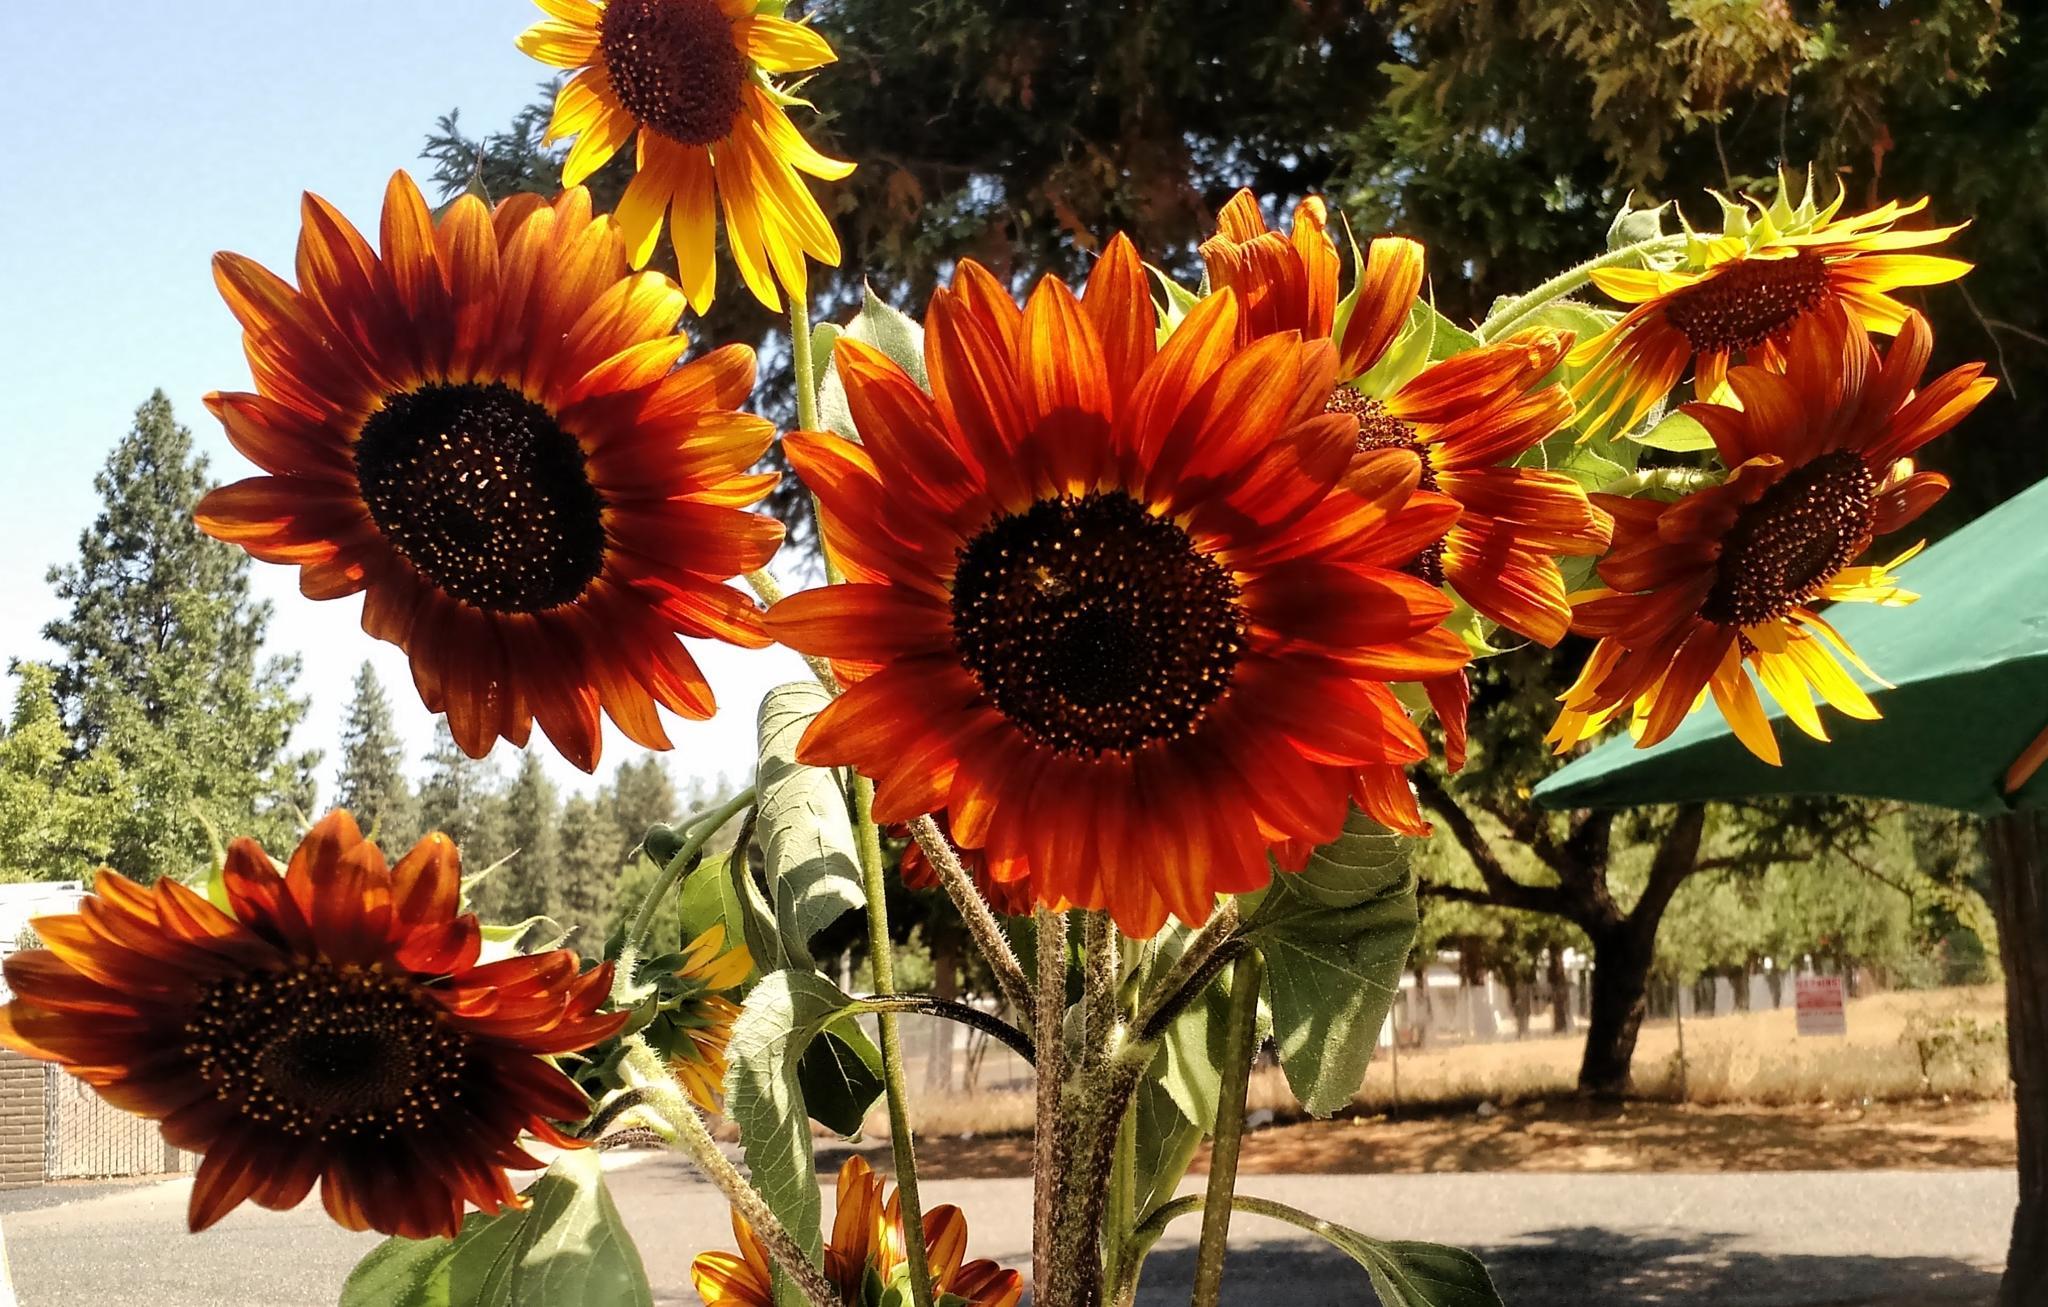 Red Sunflowers by mick-schwartz